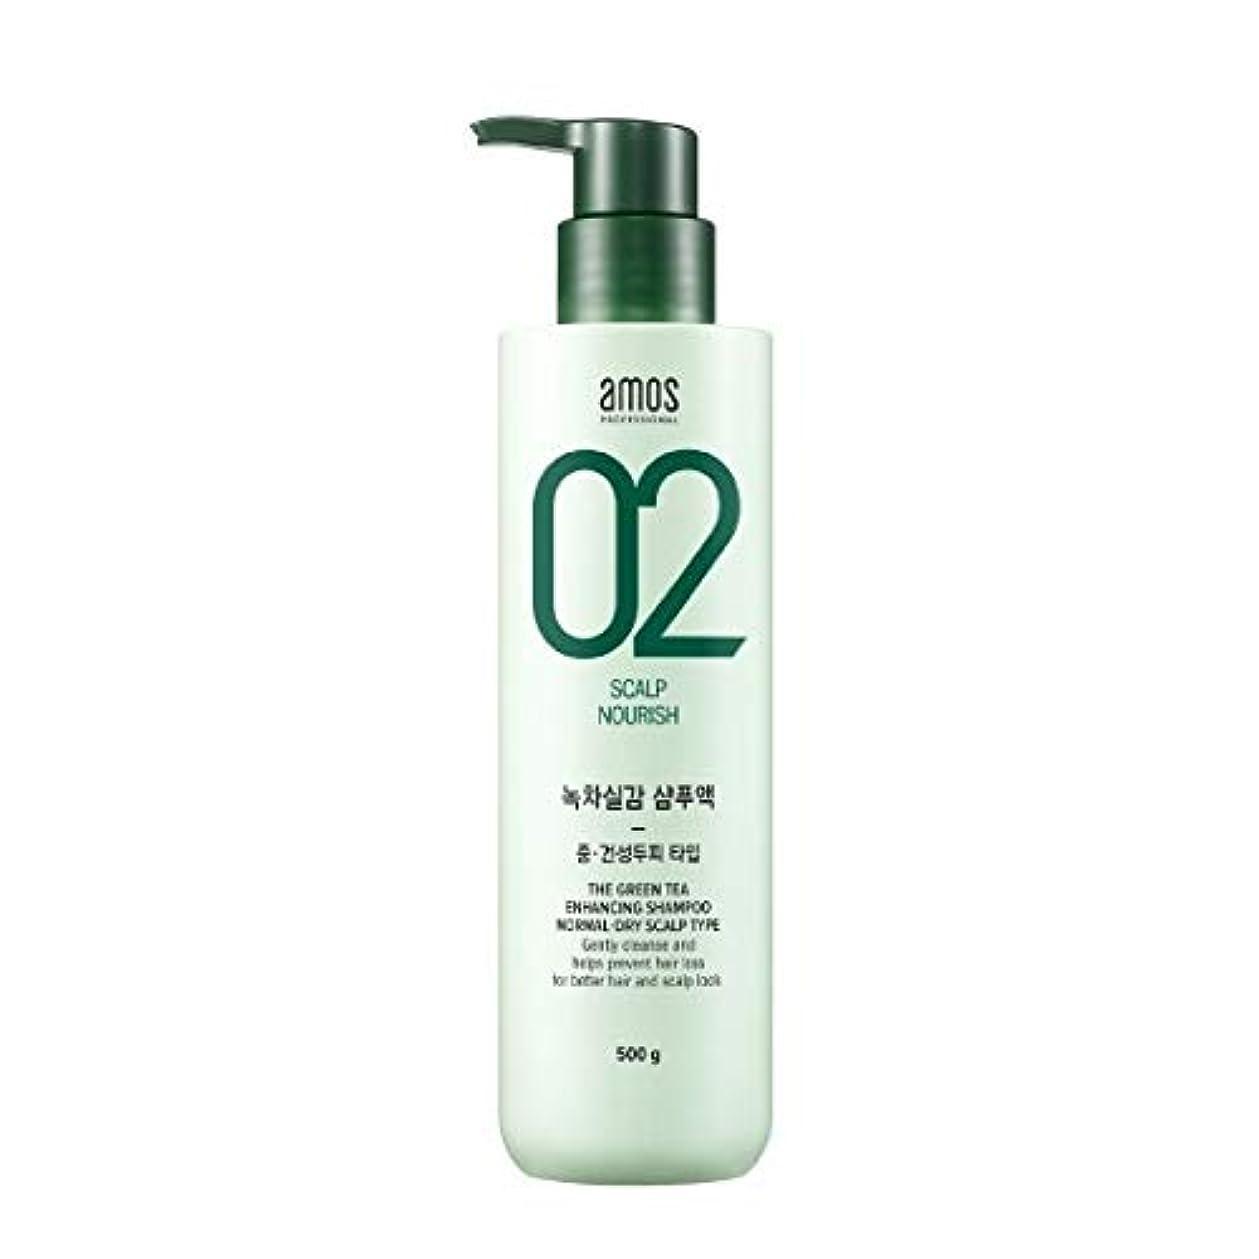 ローラー伝統土砂降りAmos Green Tea Enhancing Shampoo - Normal, Dry 500g / アモス ザ グリーンティー エンハンシング シャンプー # ノーマルドライ スカルプタイプ [並行輸入品]